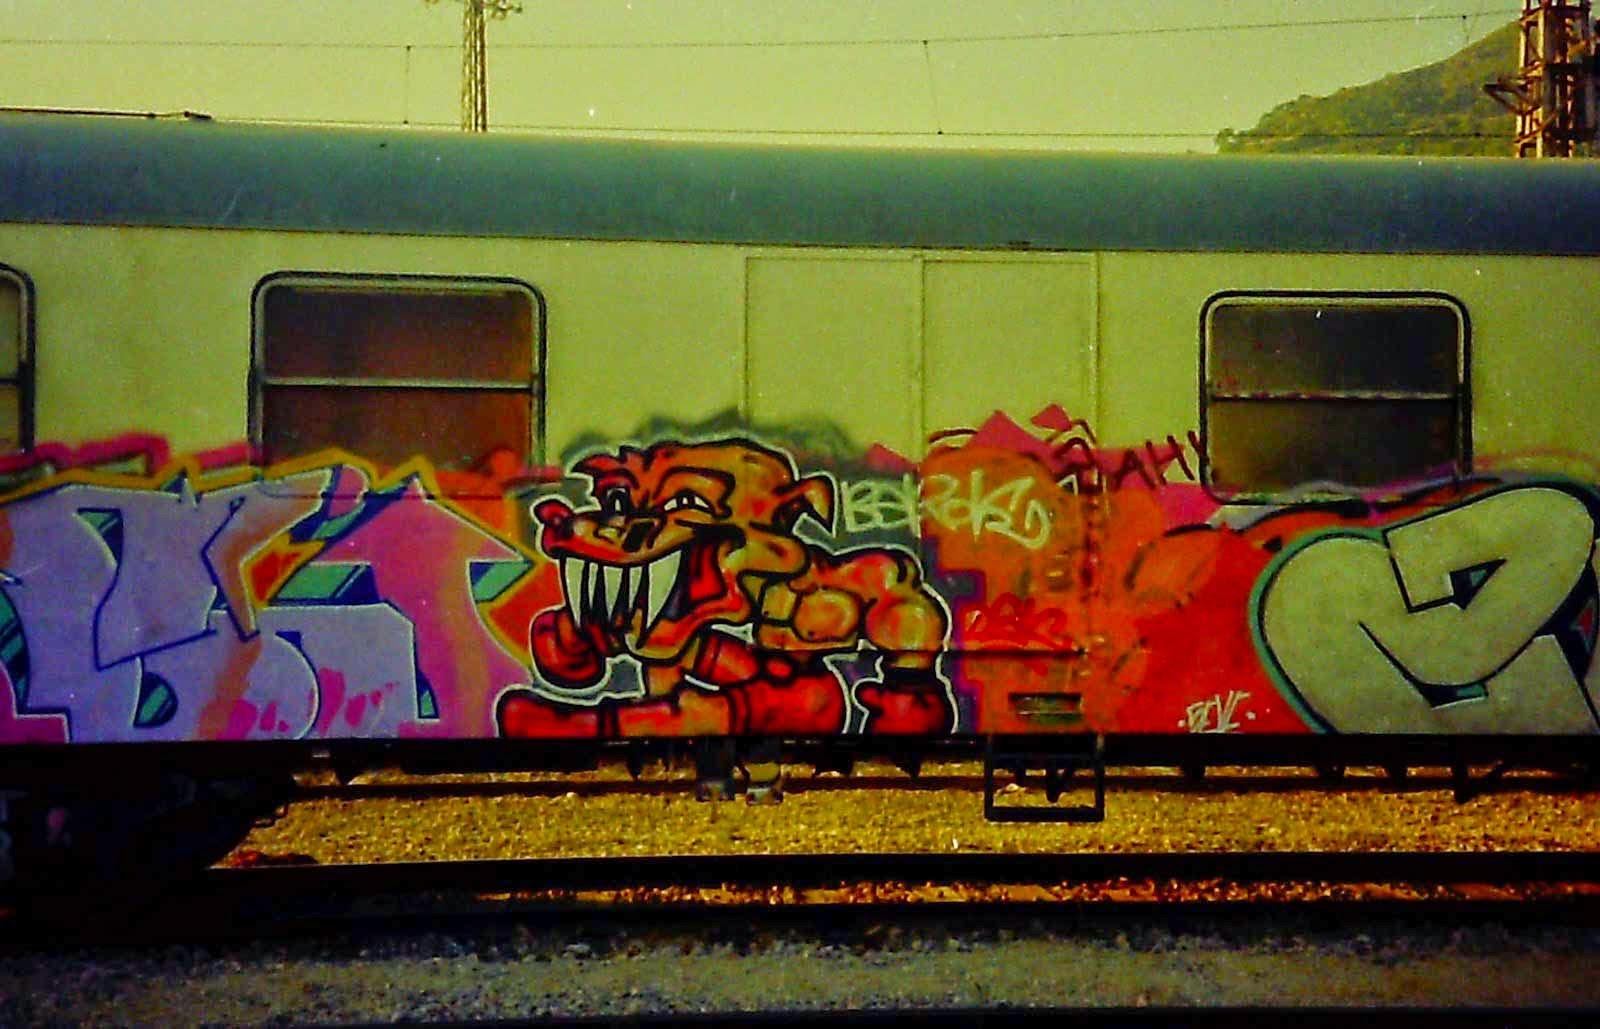 Graffiti Barcelona trenes vieja escuela